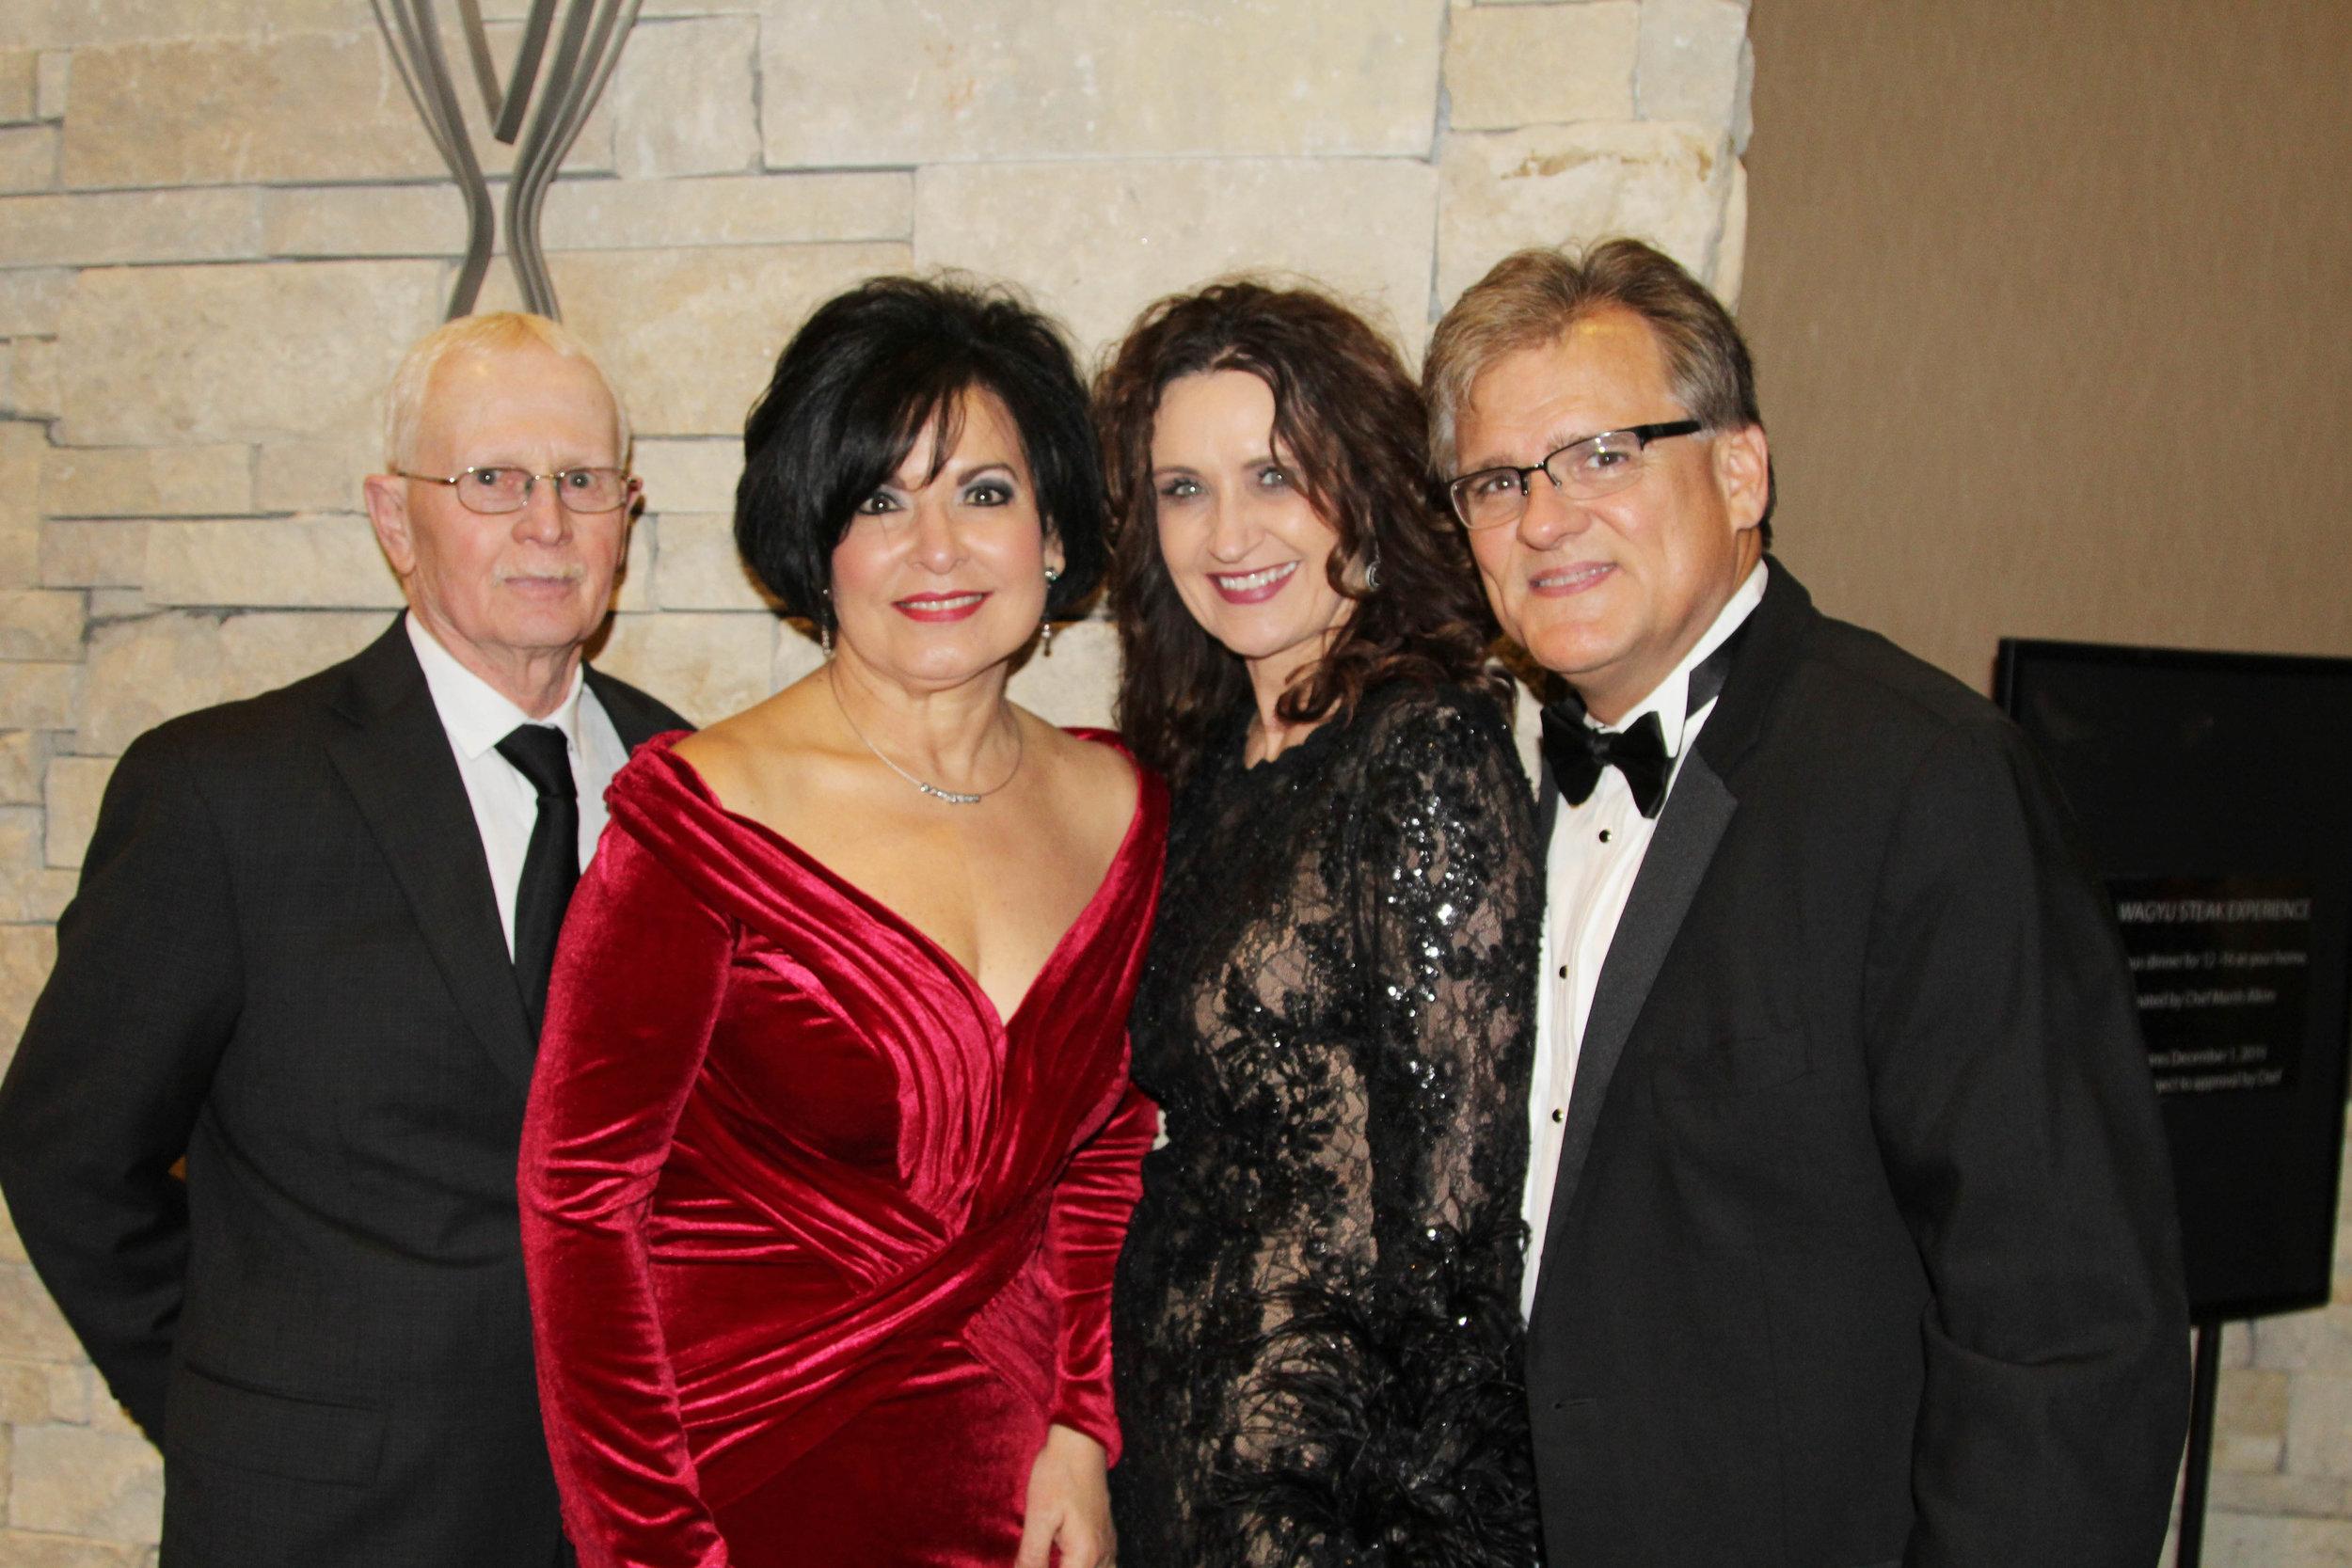 Bobby and Bertha Shipp with Terri and Greg Giles